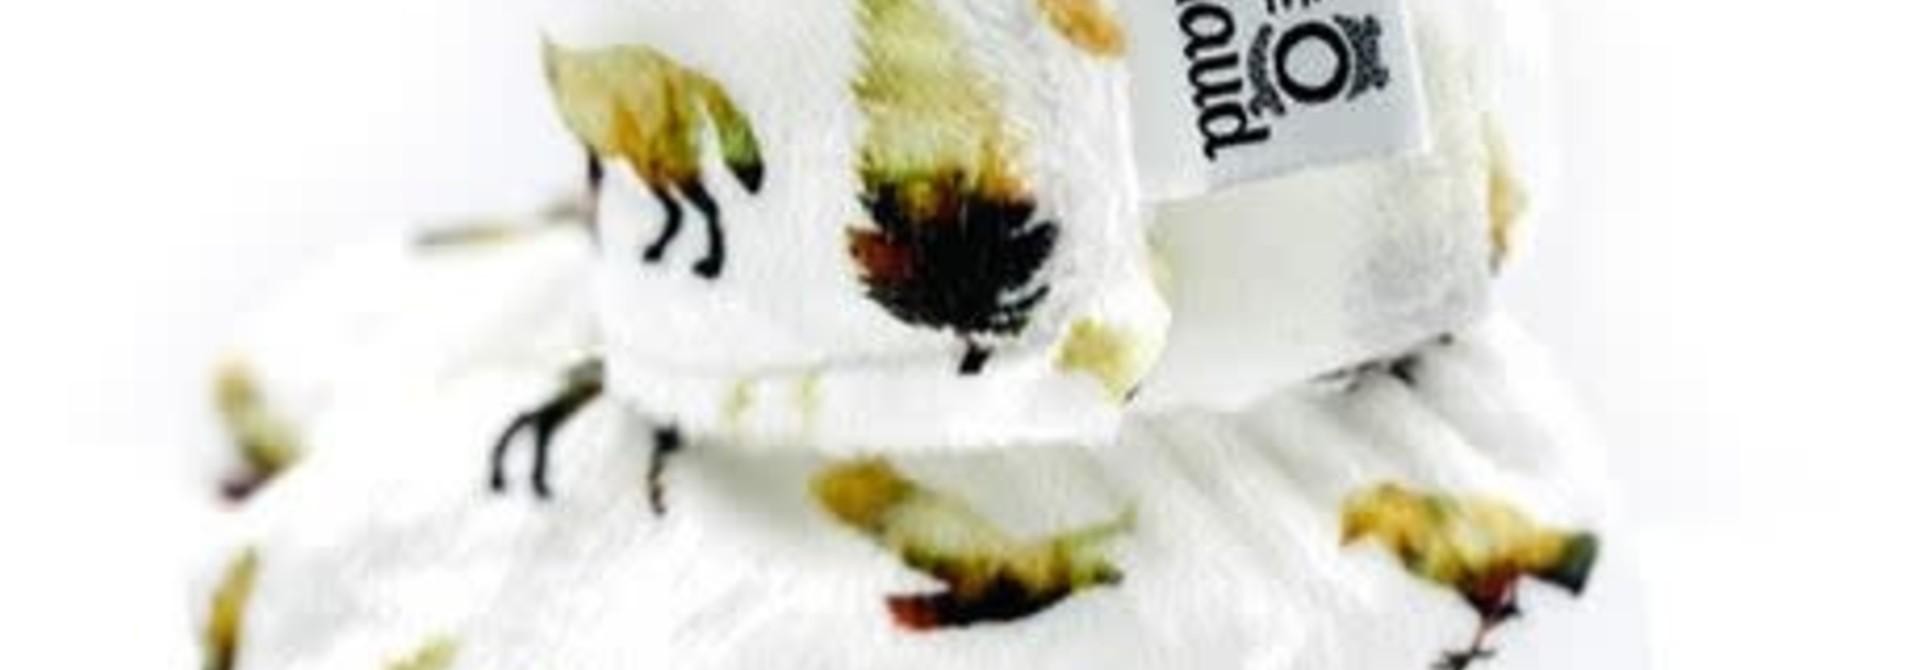 Pantoufles à velcro - Animaux Sauvages